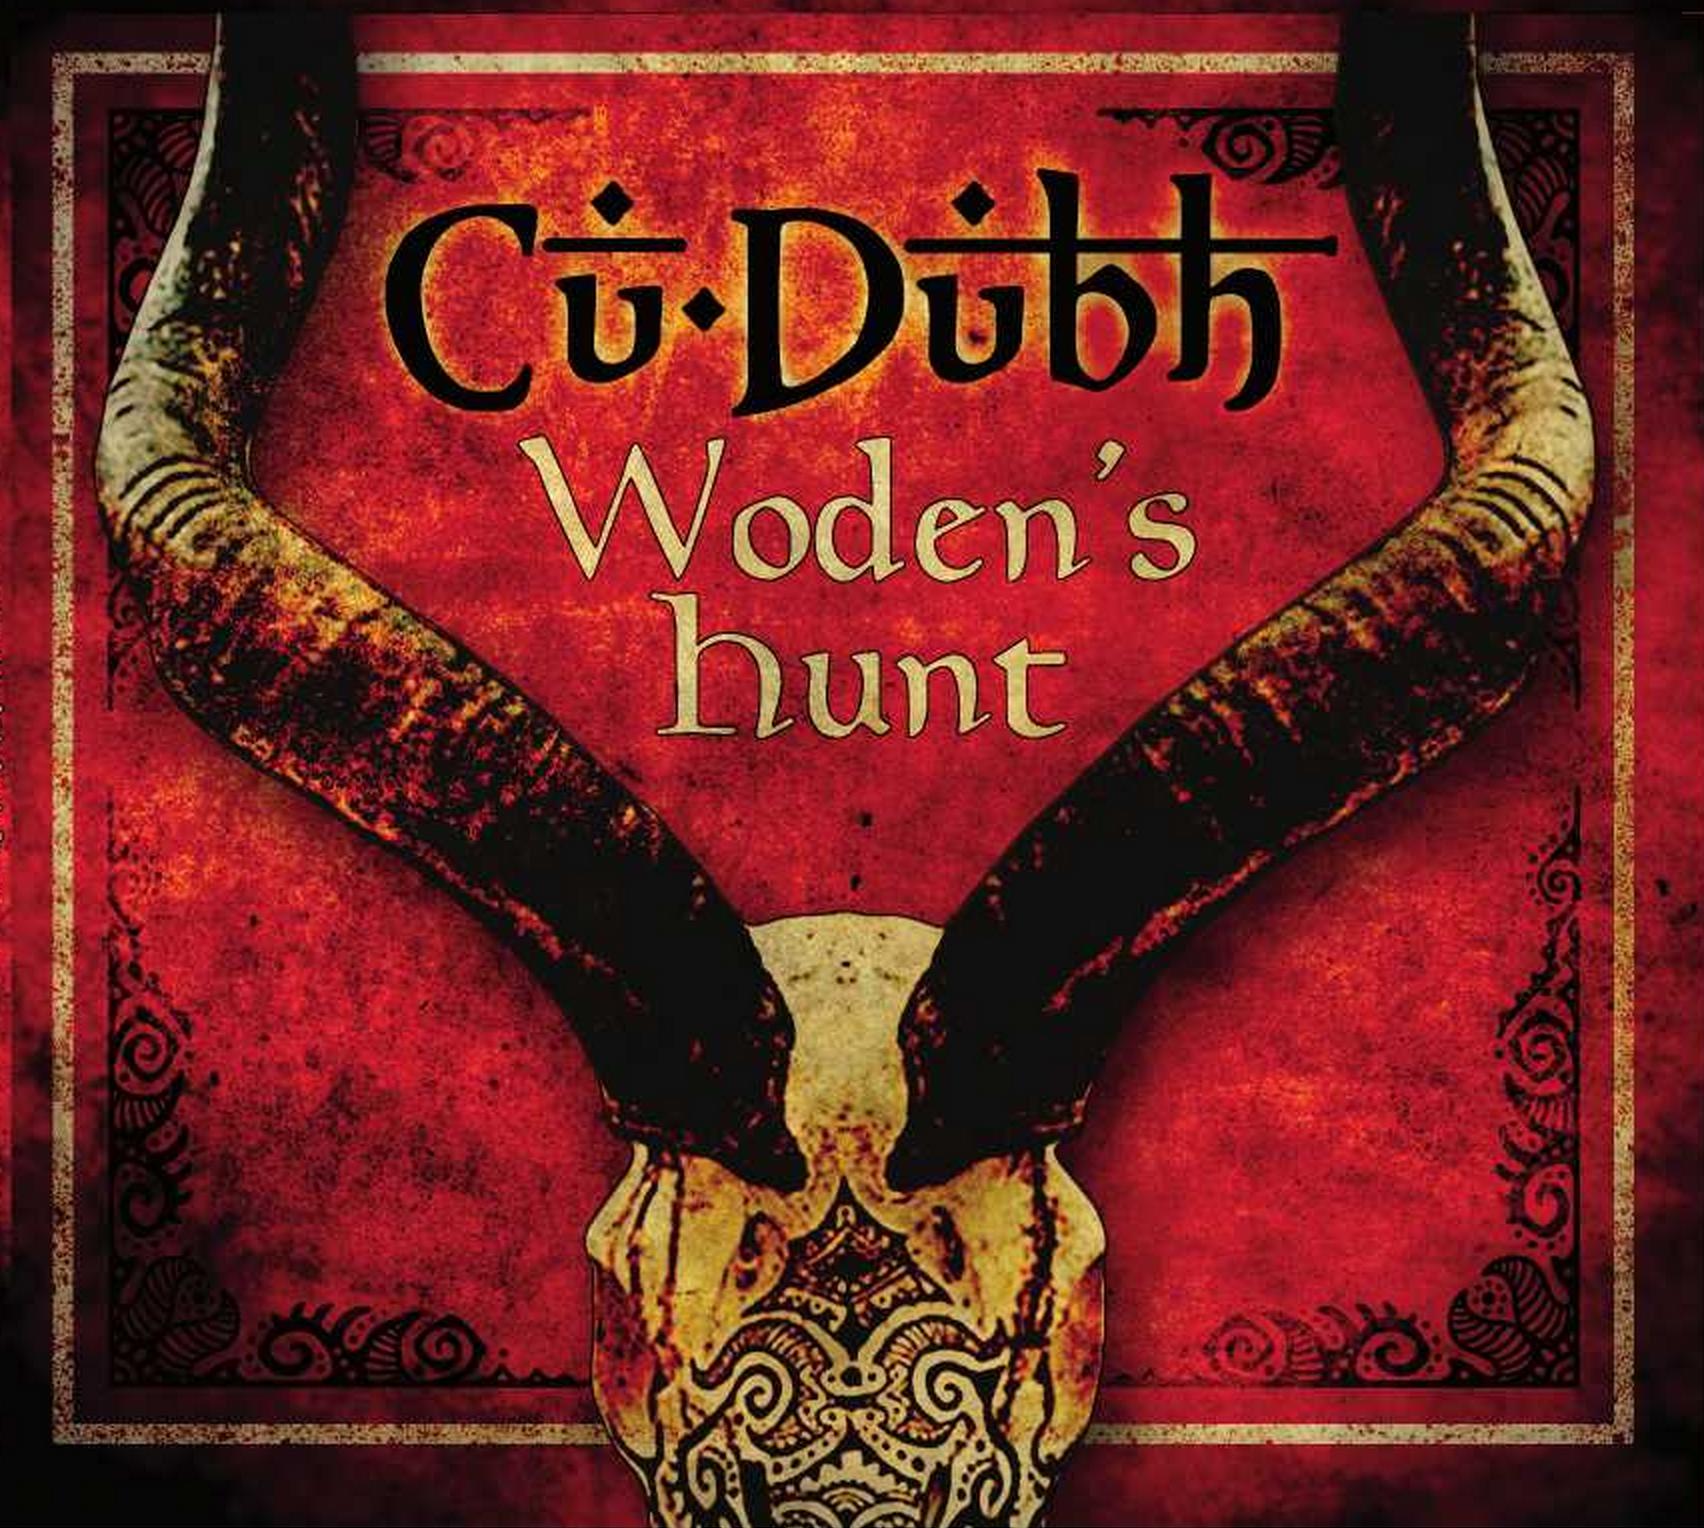 Woden's Hunt Audio CD